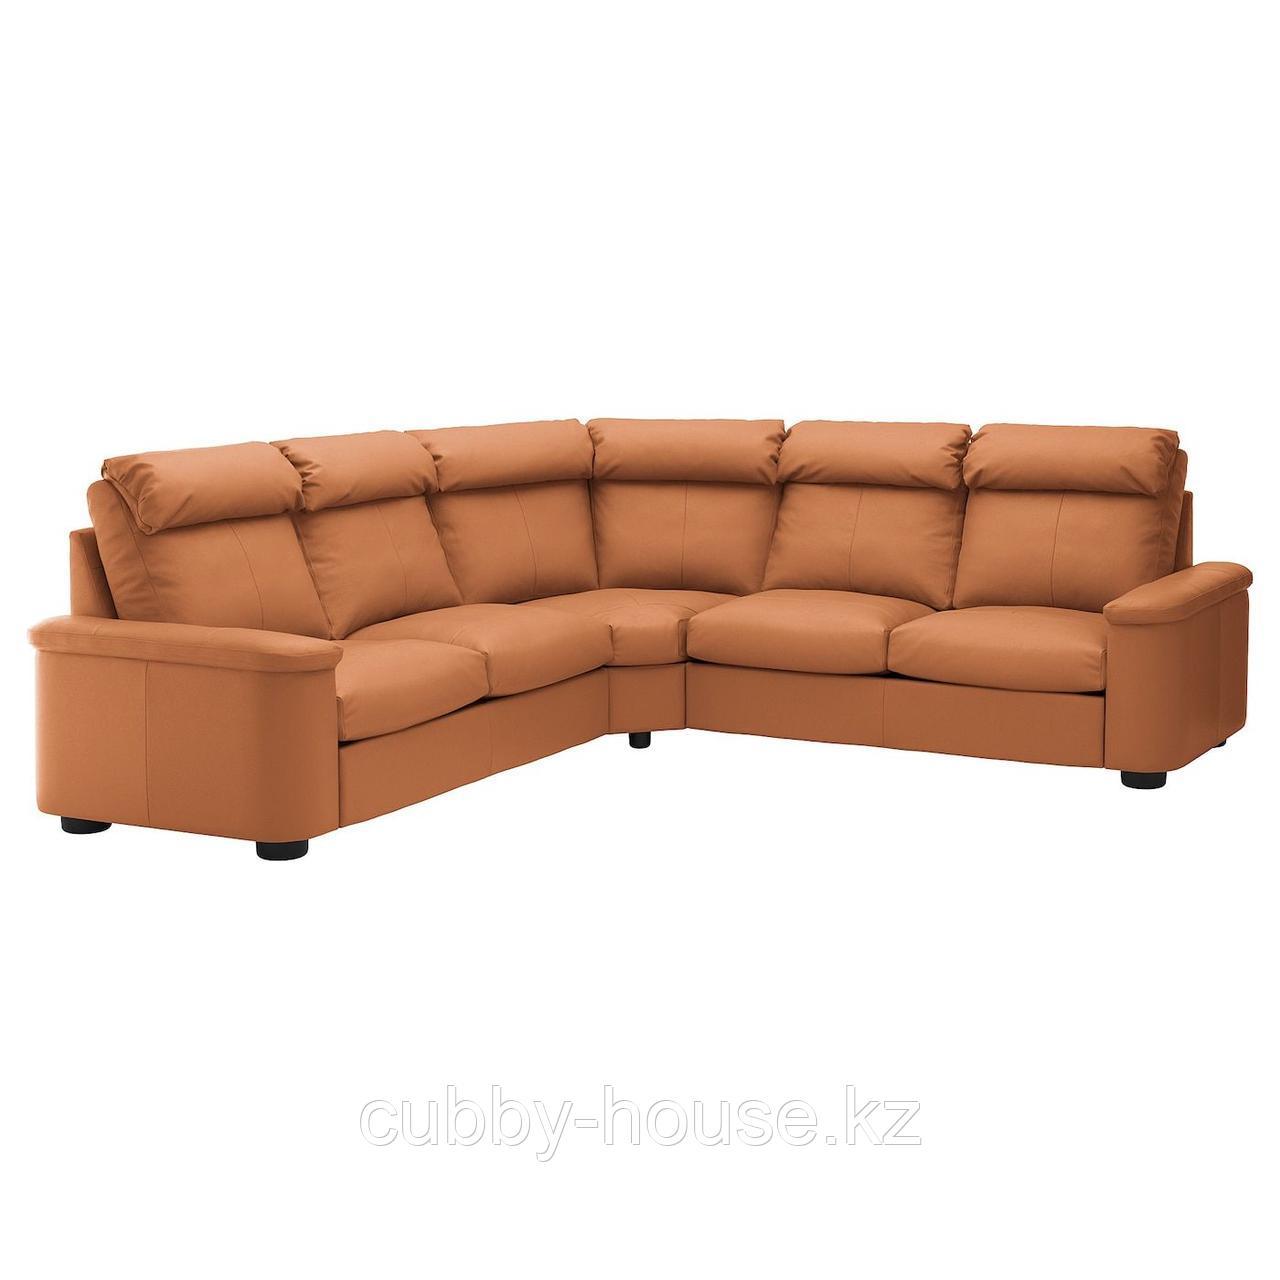 ЛИДГУЛЬТ Угловой диван-кровать, 5-местный, Гранн/Бумстад темно-коричневый